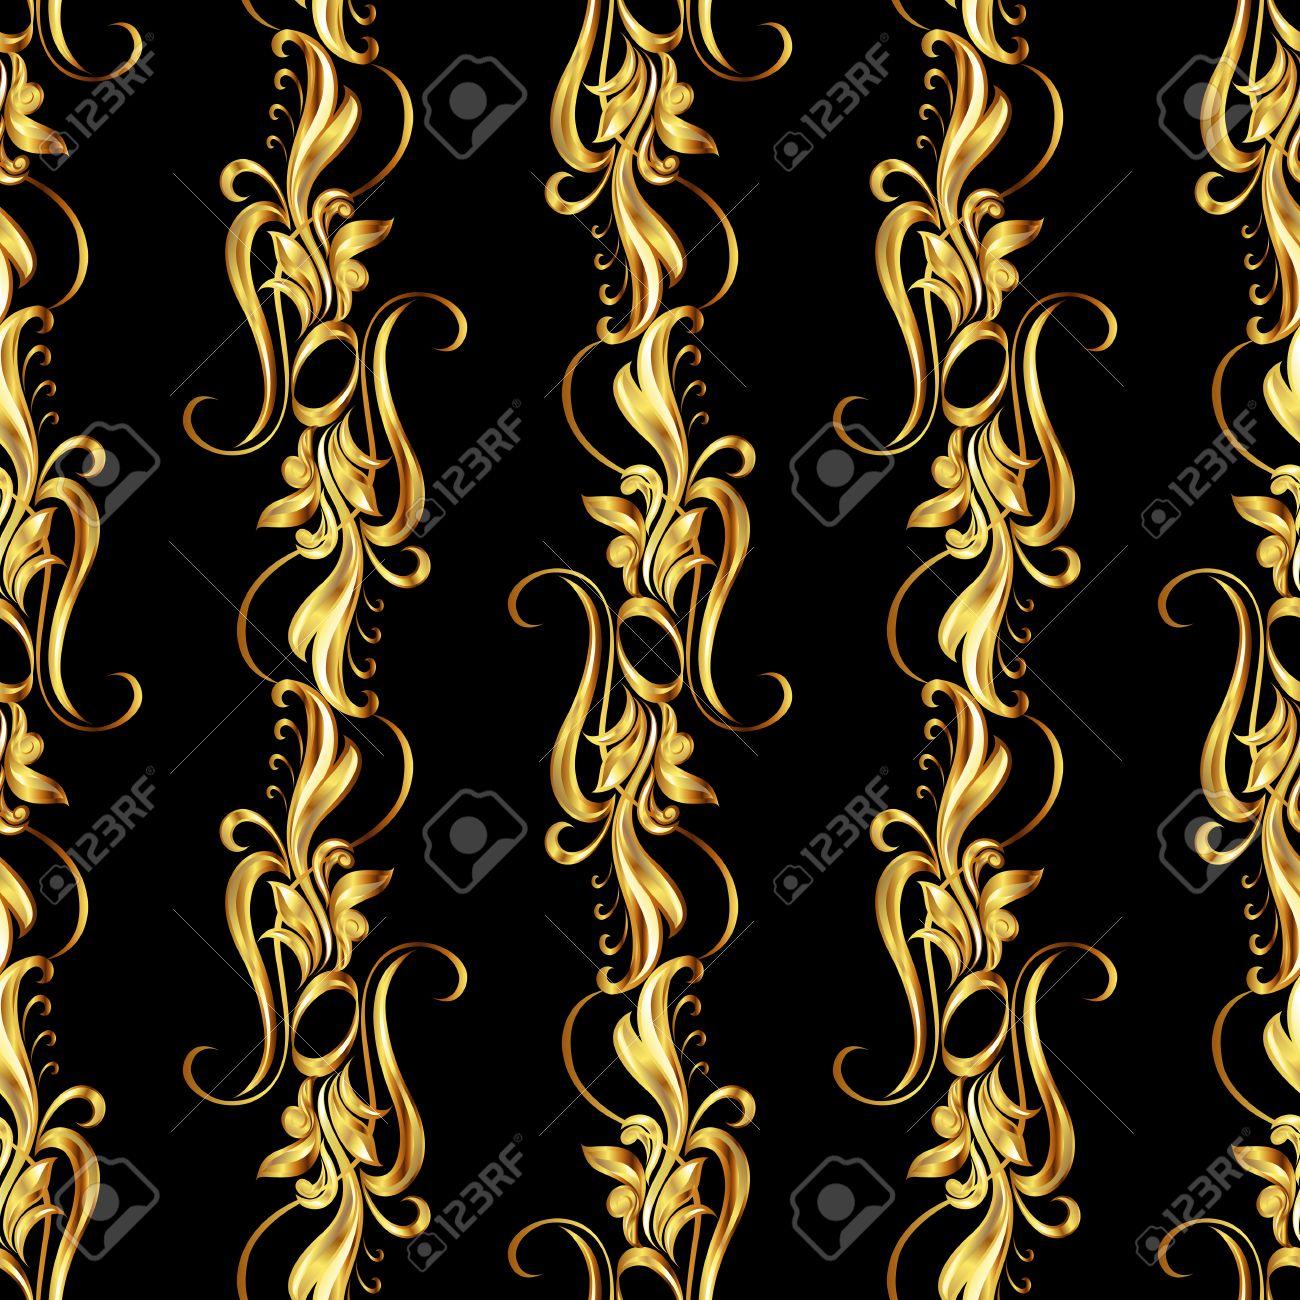 b2301d48da91 Fondo de pantalla transparente con el patrón oro. cinco líneas verticales  en forma de vides